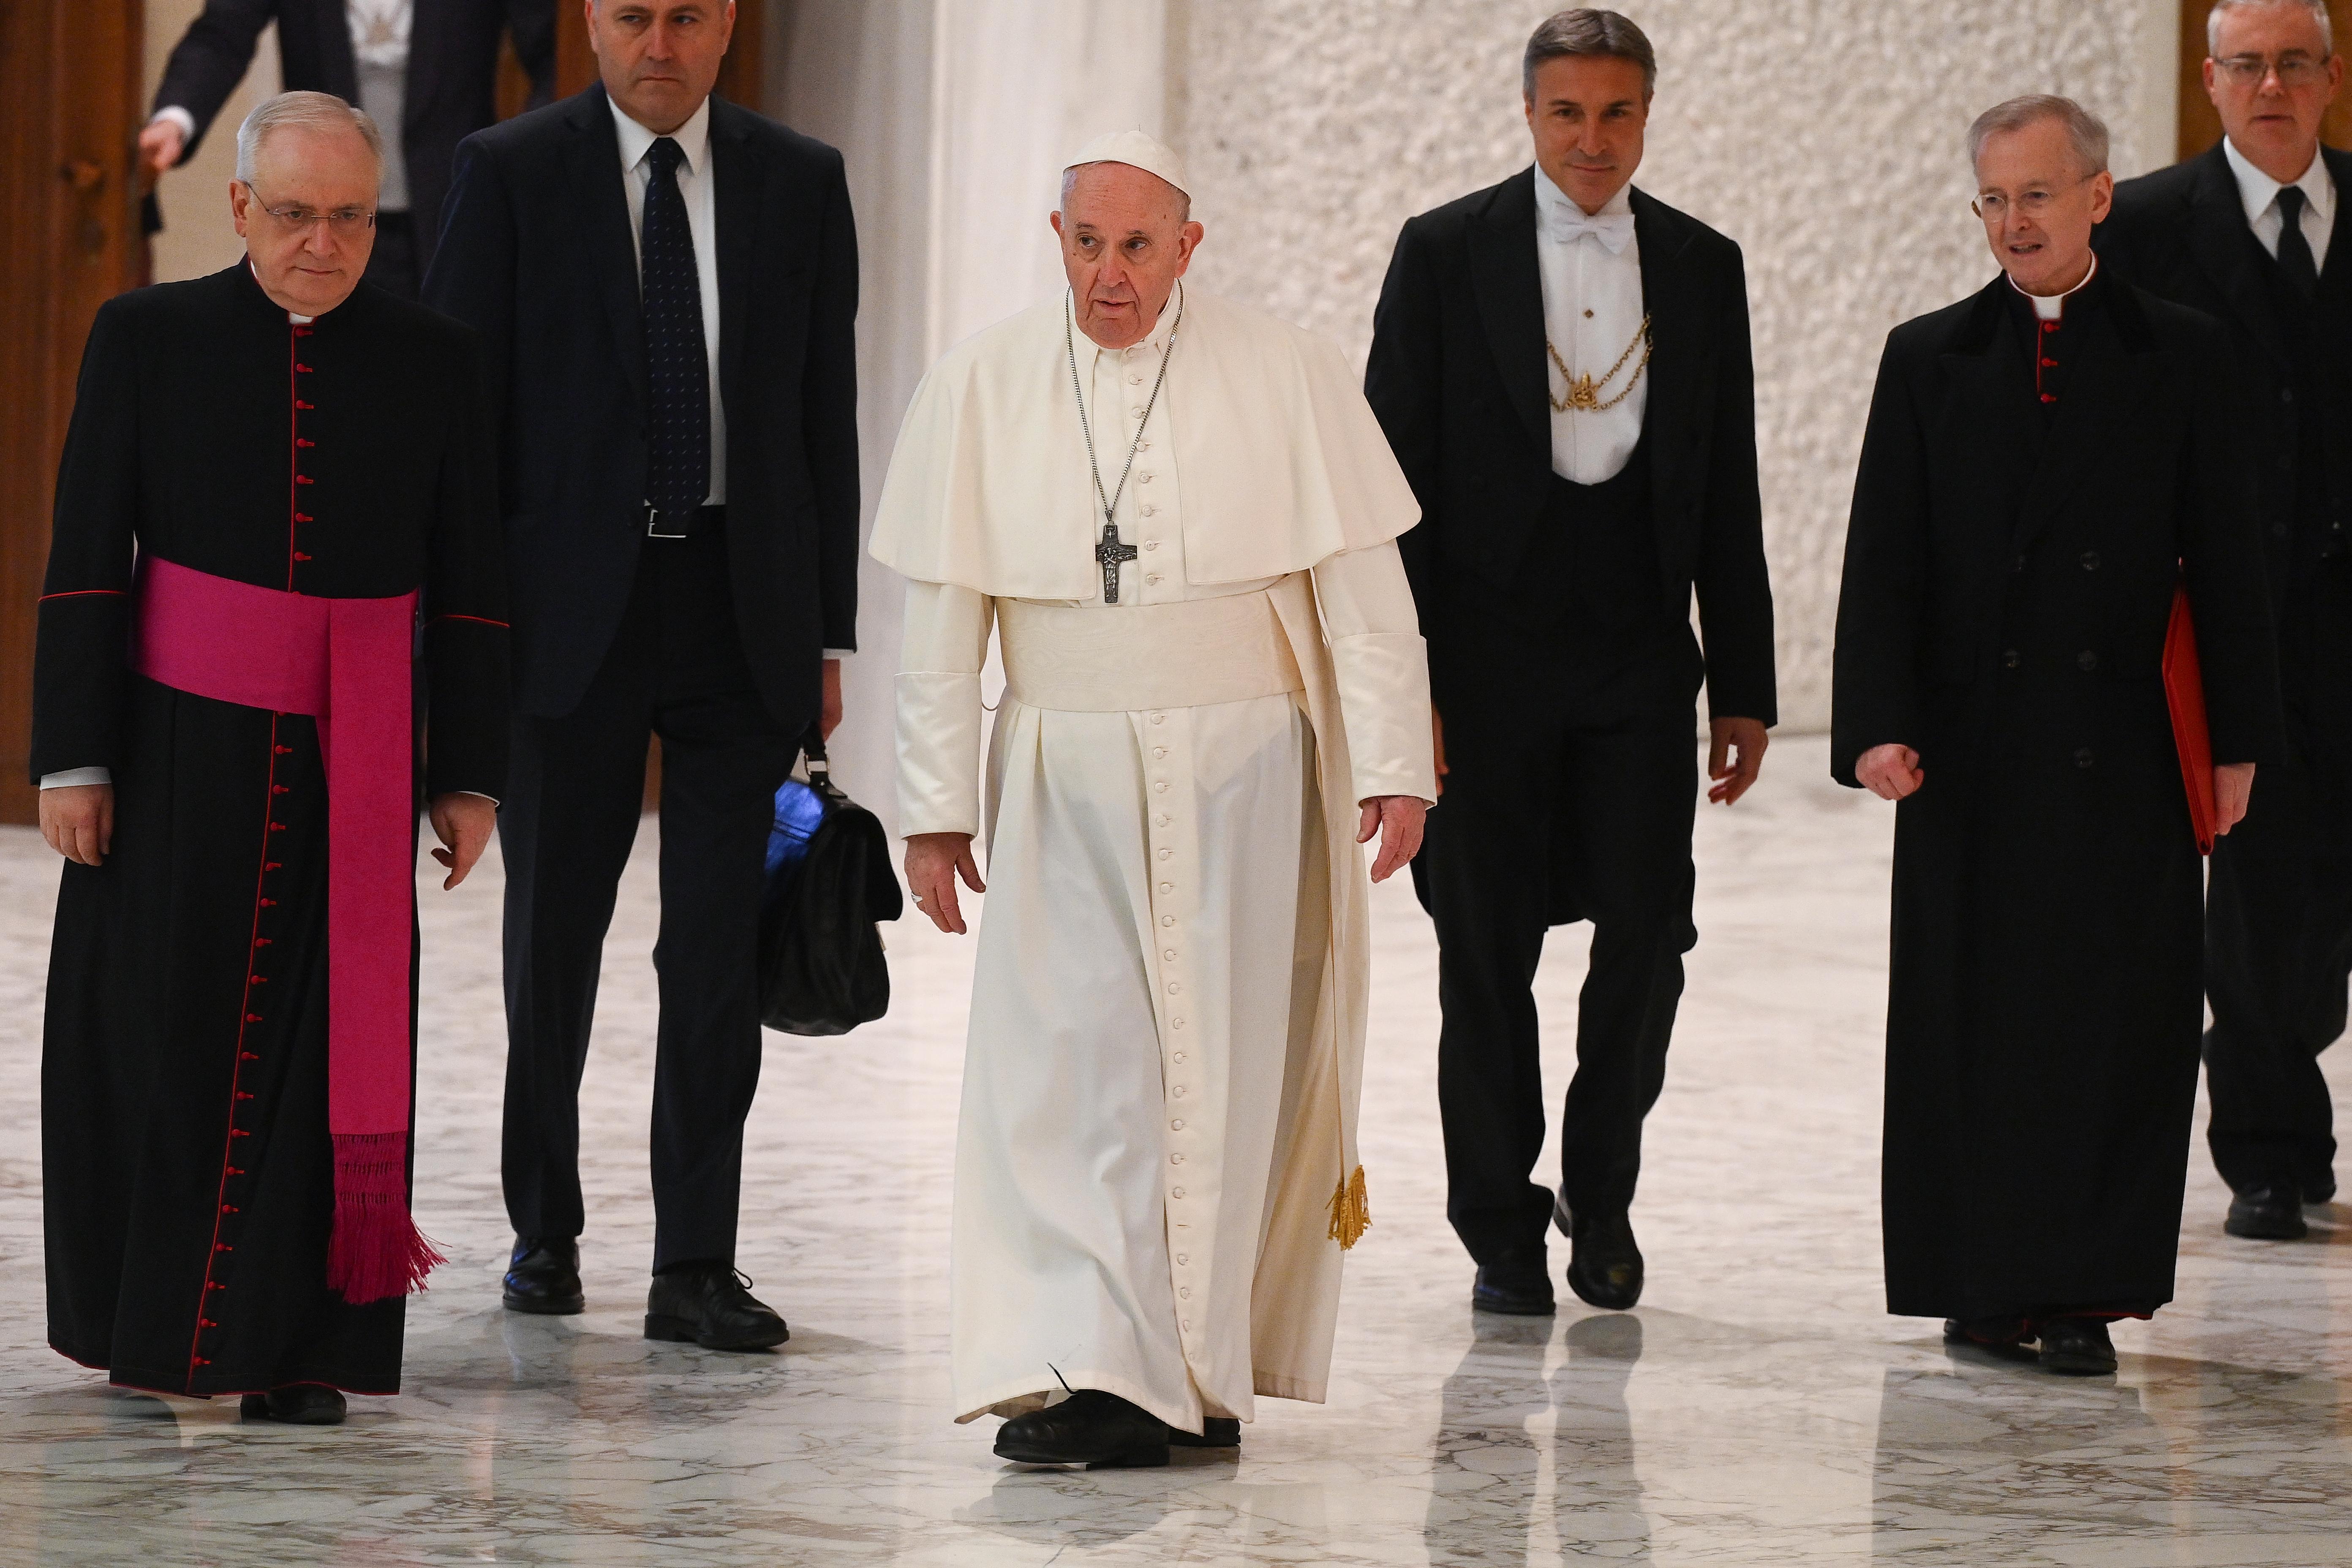 Dos cardenales cercanos al papa, positivos al coronavirus